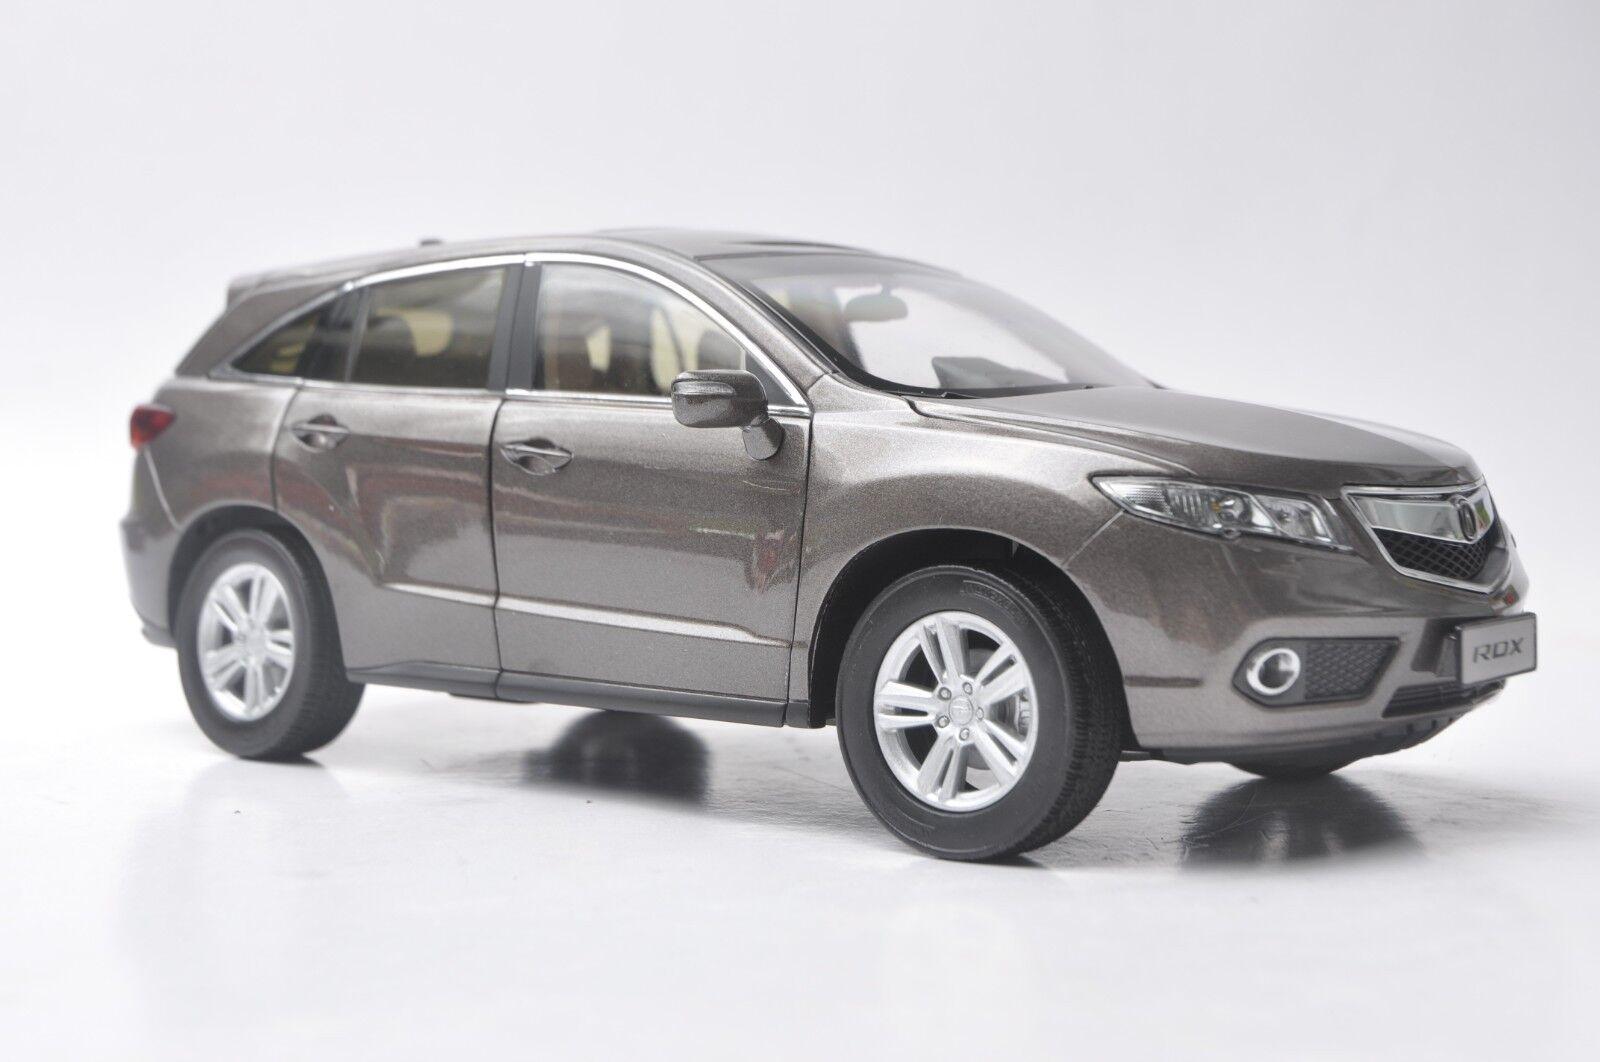 Acura RDX 2013 car model in scale 1 18 Titanium oro